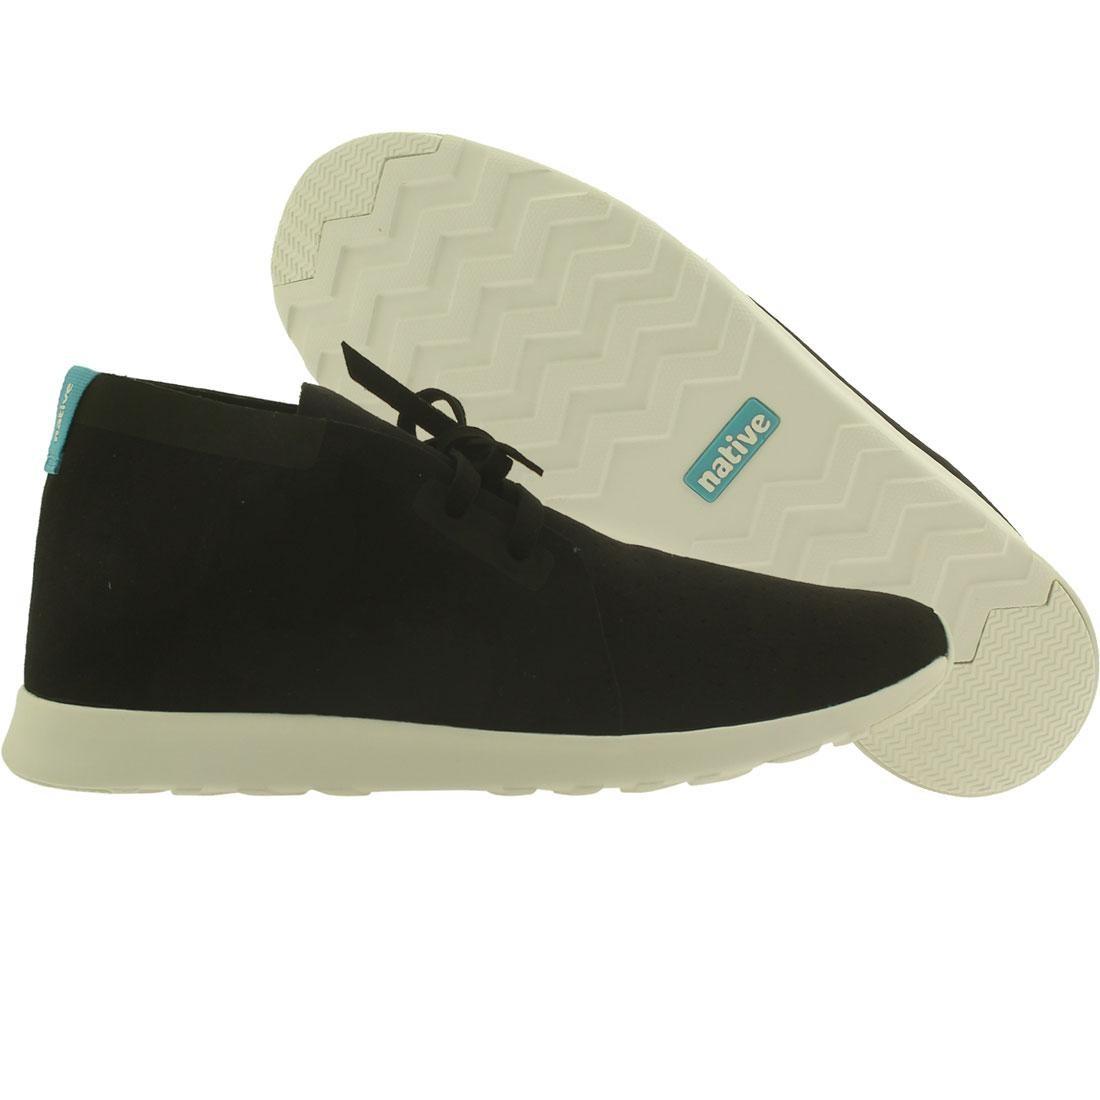 【海外限定】ネイティブ チャッカ シェル 靴 メンズ靴 【 SHELL NATIVE MEN APOLLO CHUKKA BLACK WHITE 】